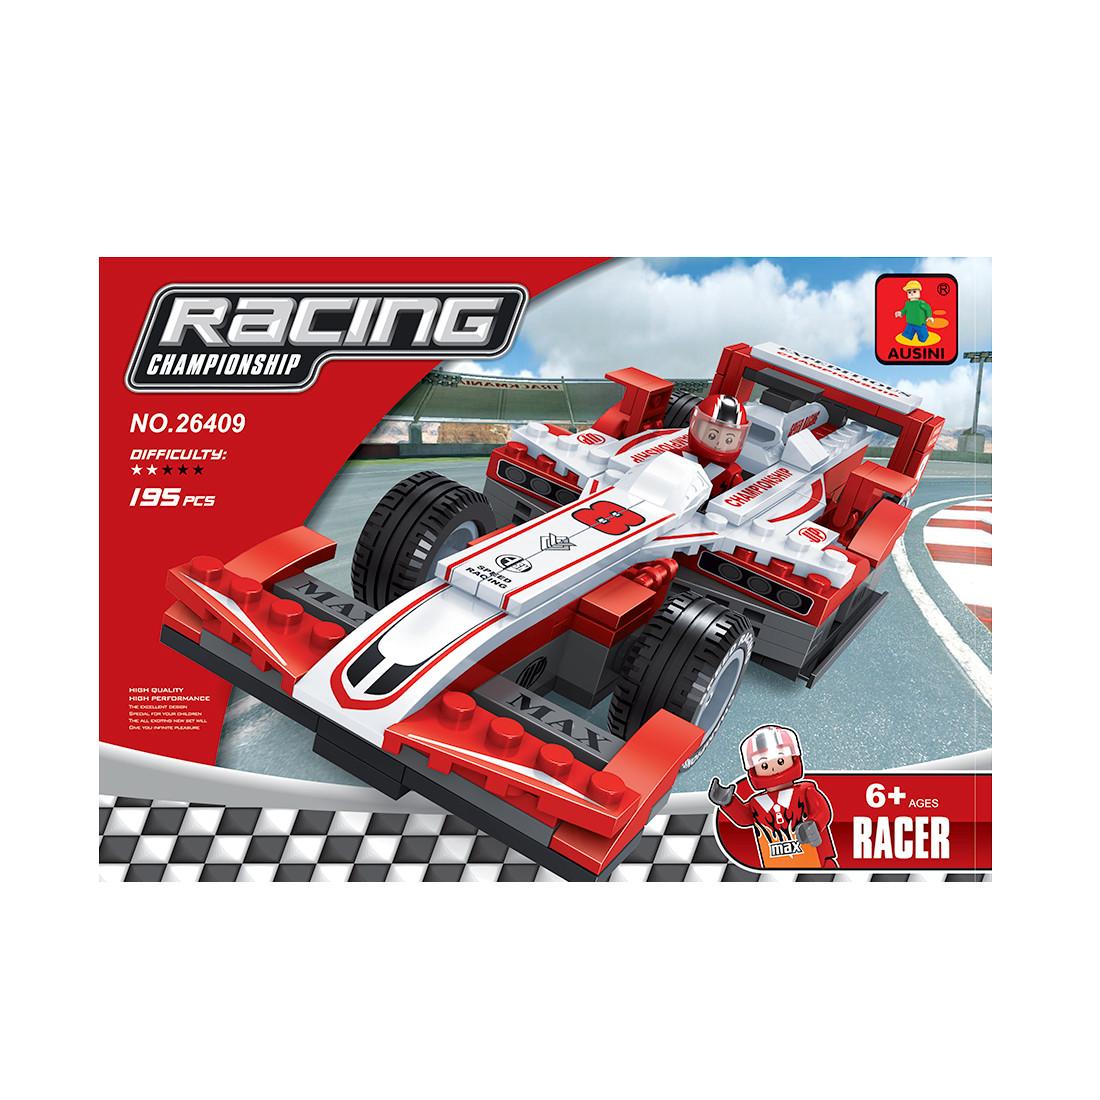 Игровой конструктор, Ausini, 26409, Гонки, Гоночный болид Формула-1, 195 деталей, Цветная коробка